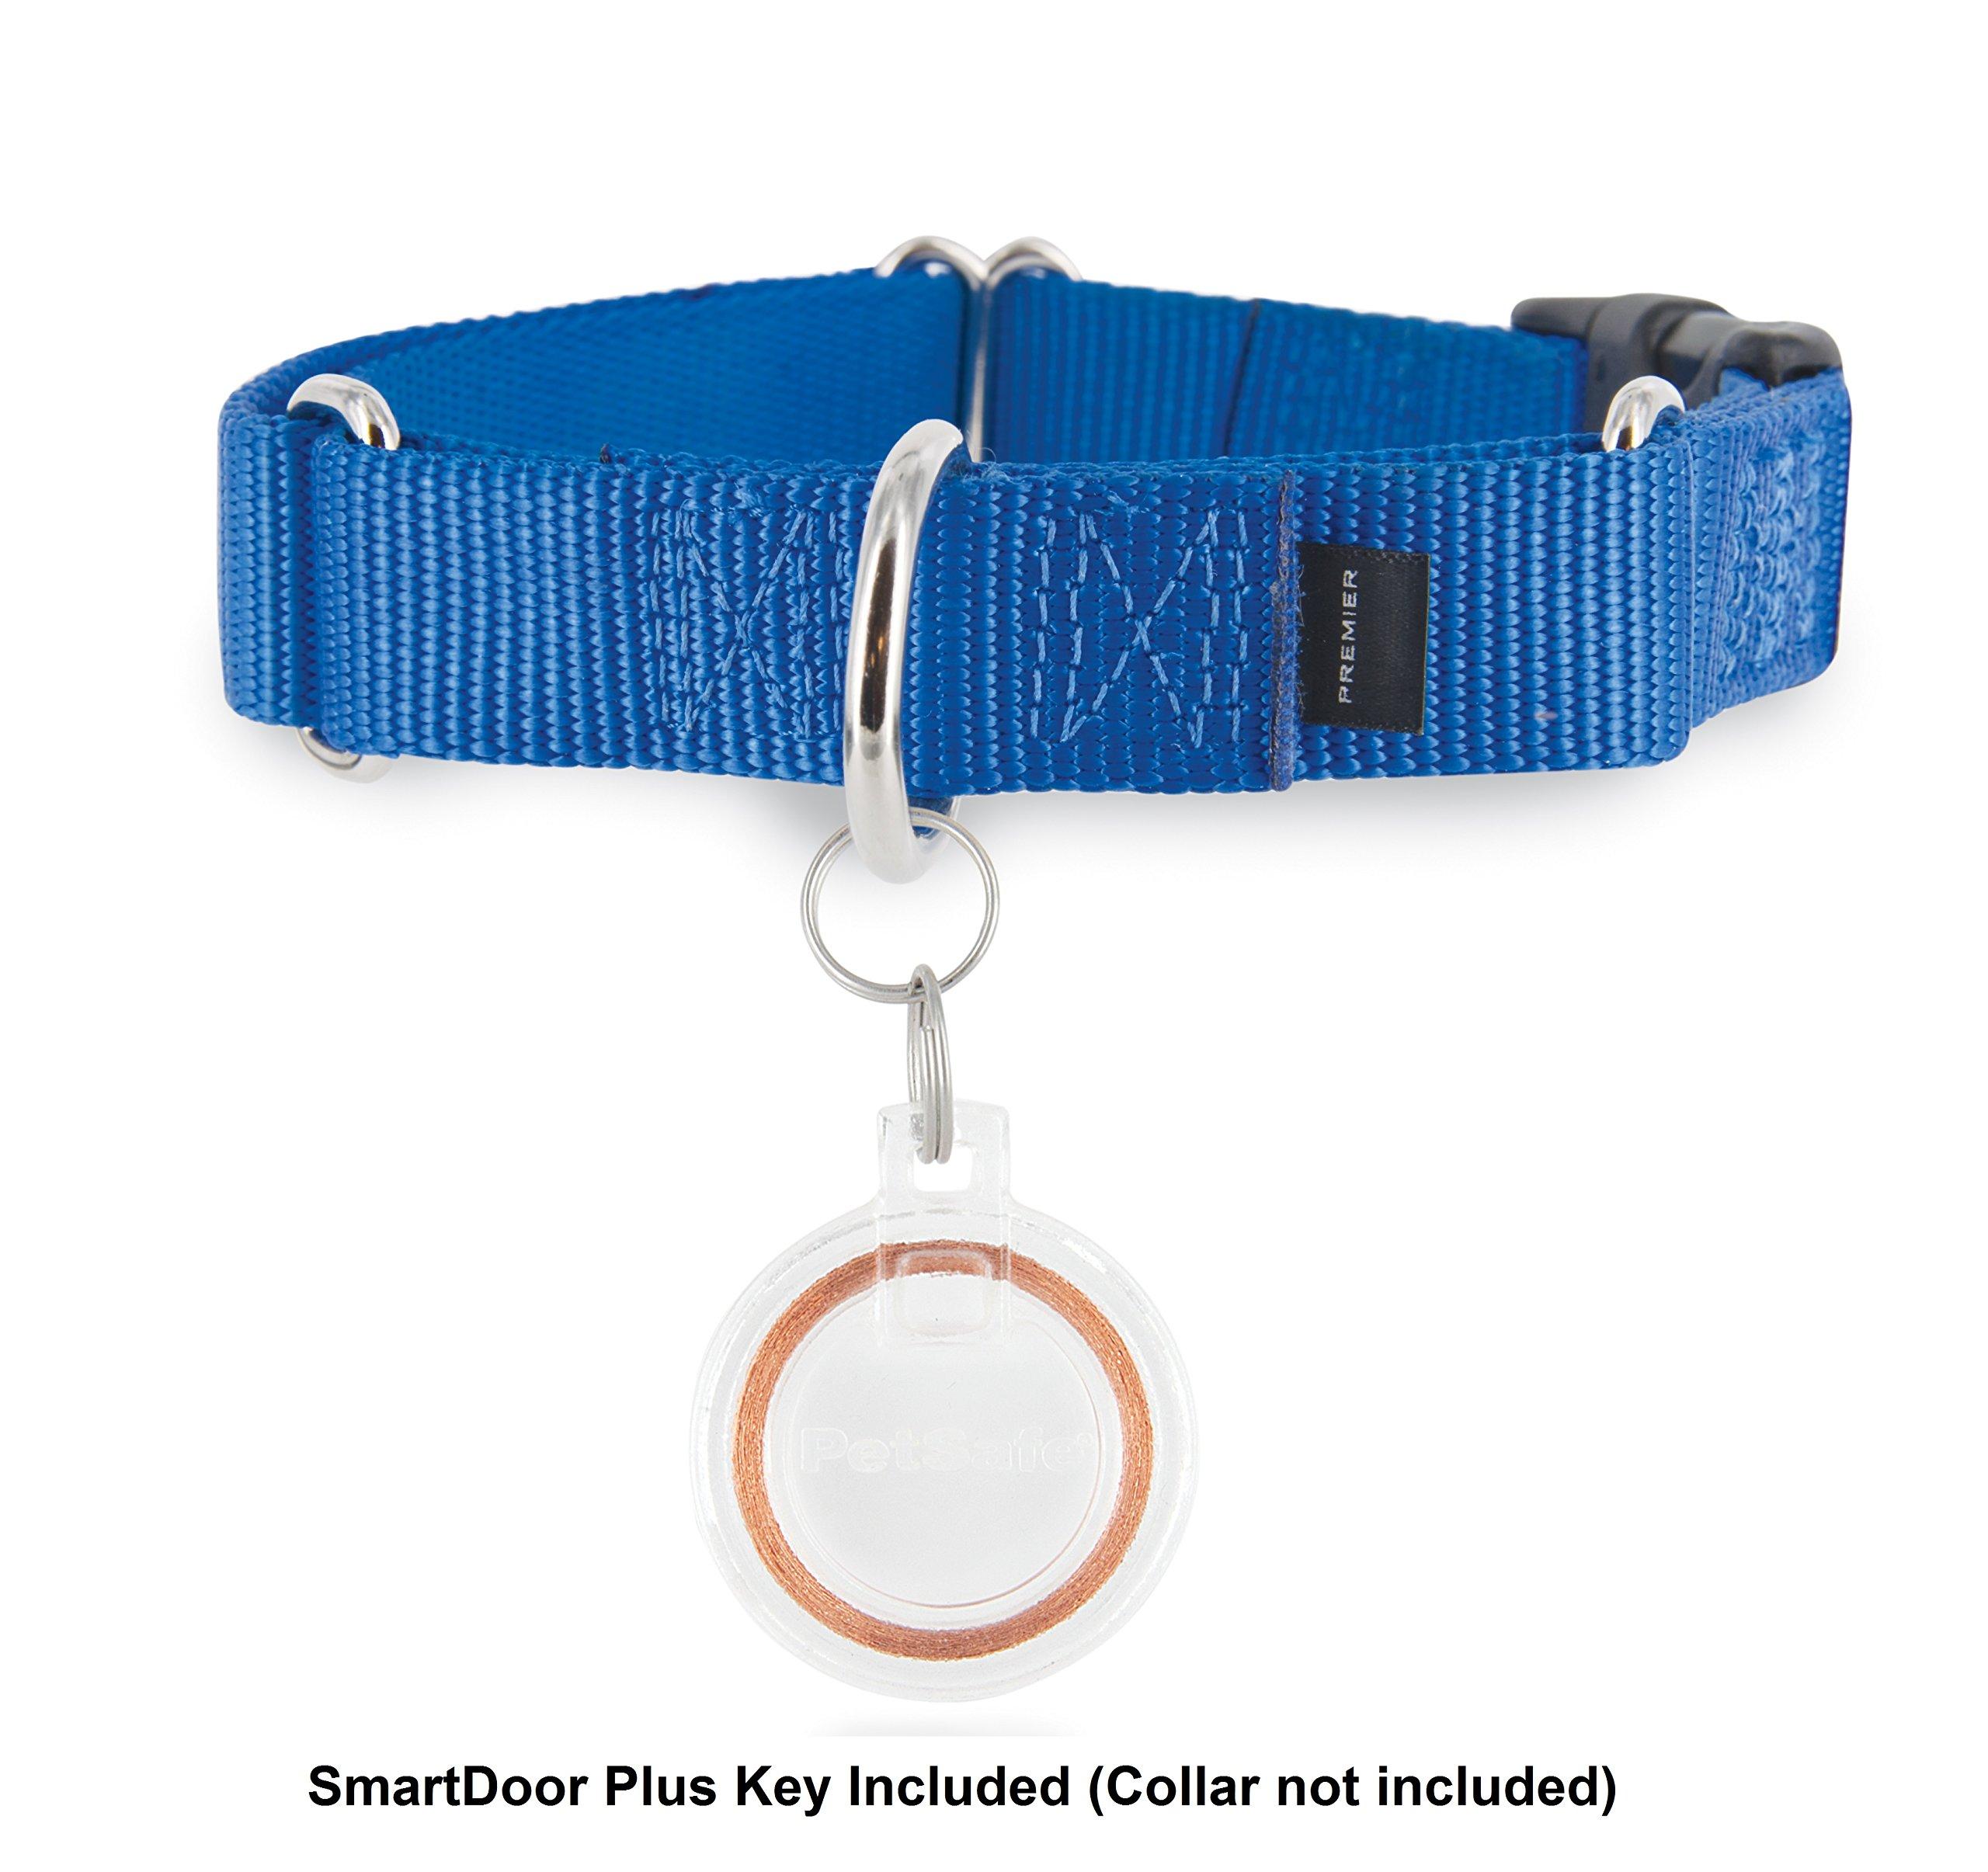 PetSafe SmartDoor Plus Pet Door, Selective Entry/Exit with Programmable Timer